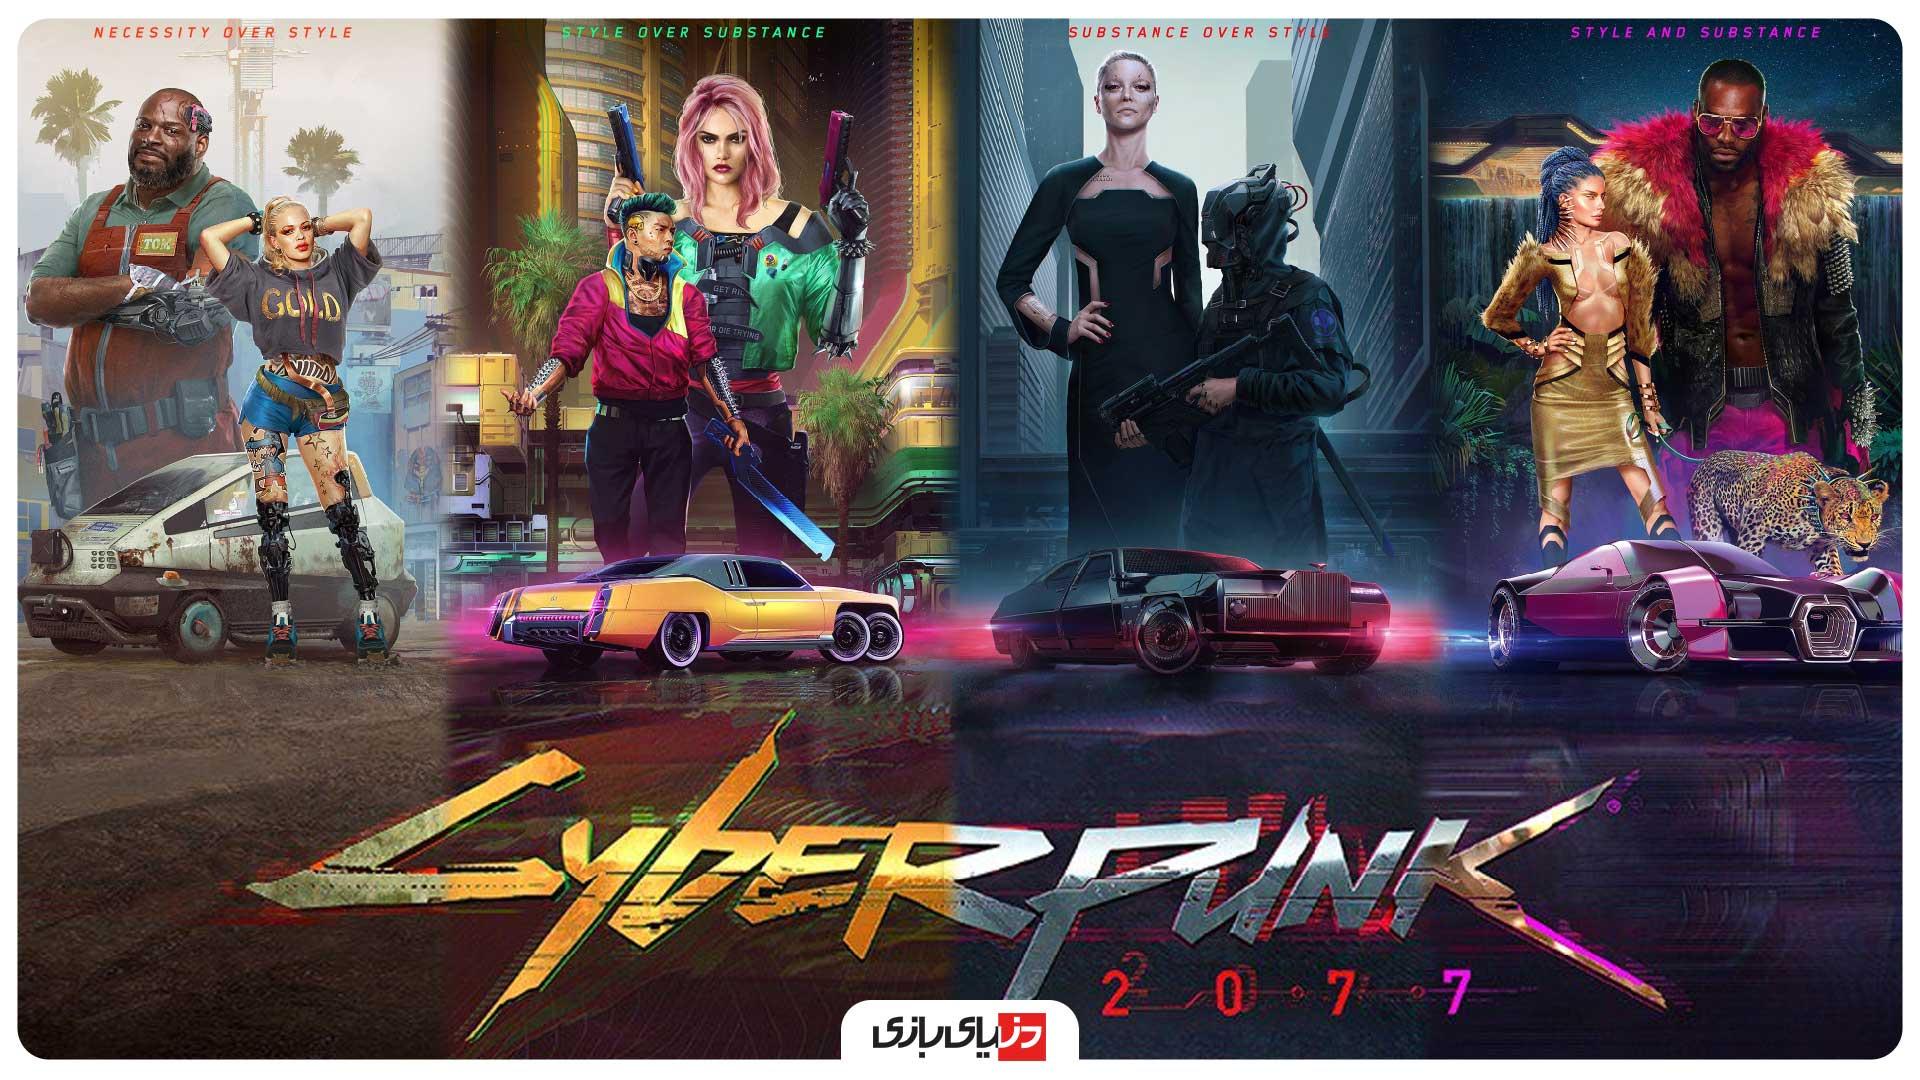 تریلر بازی سایبرپانک 2077